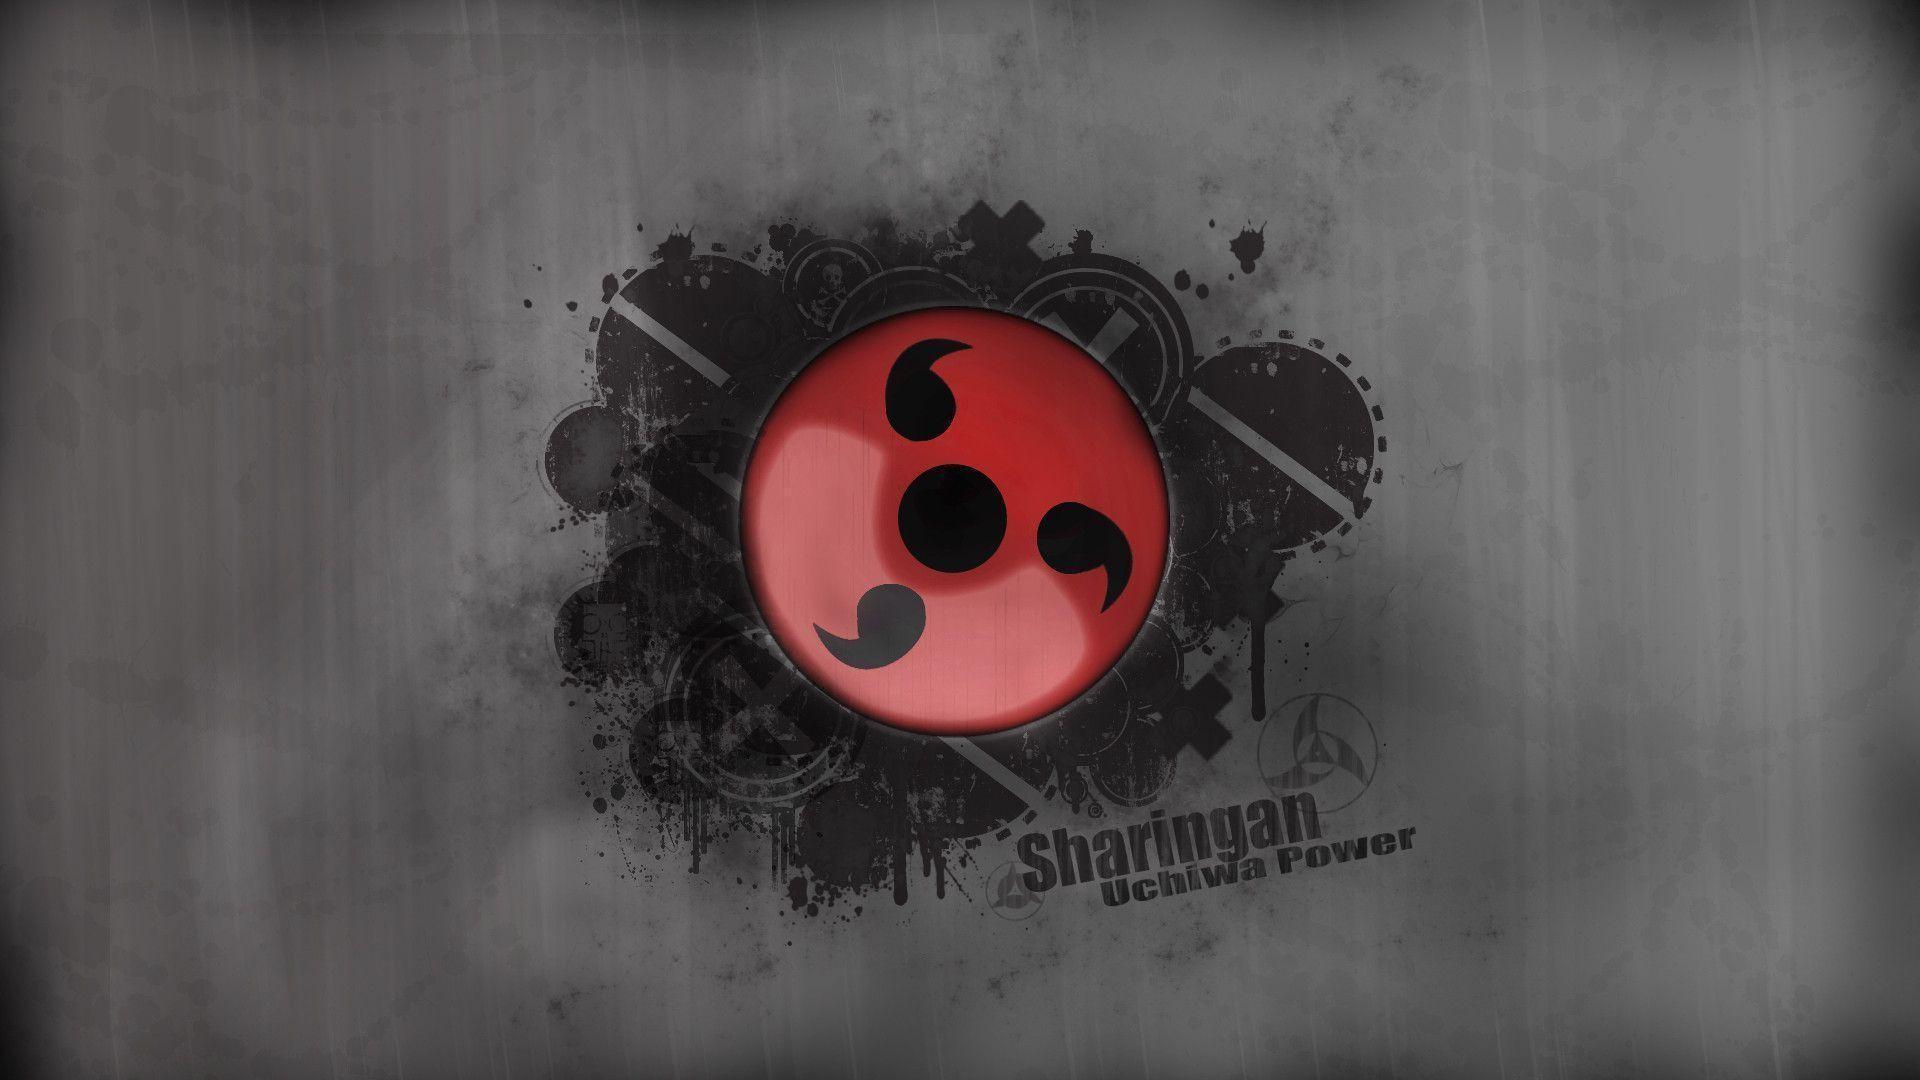 Wallpapers For > Sharingan Wallpaper Hd